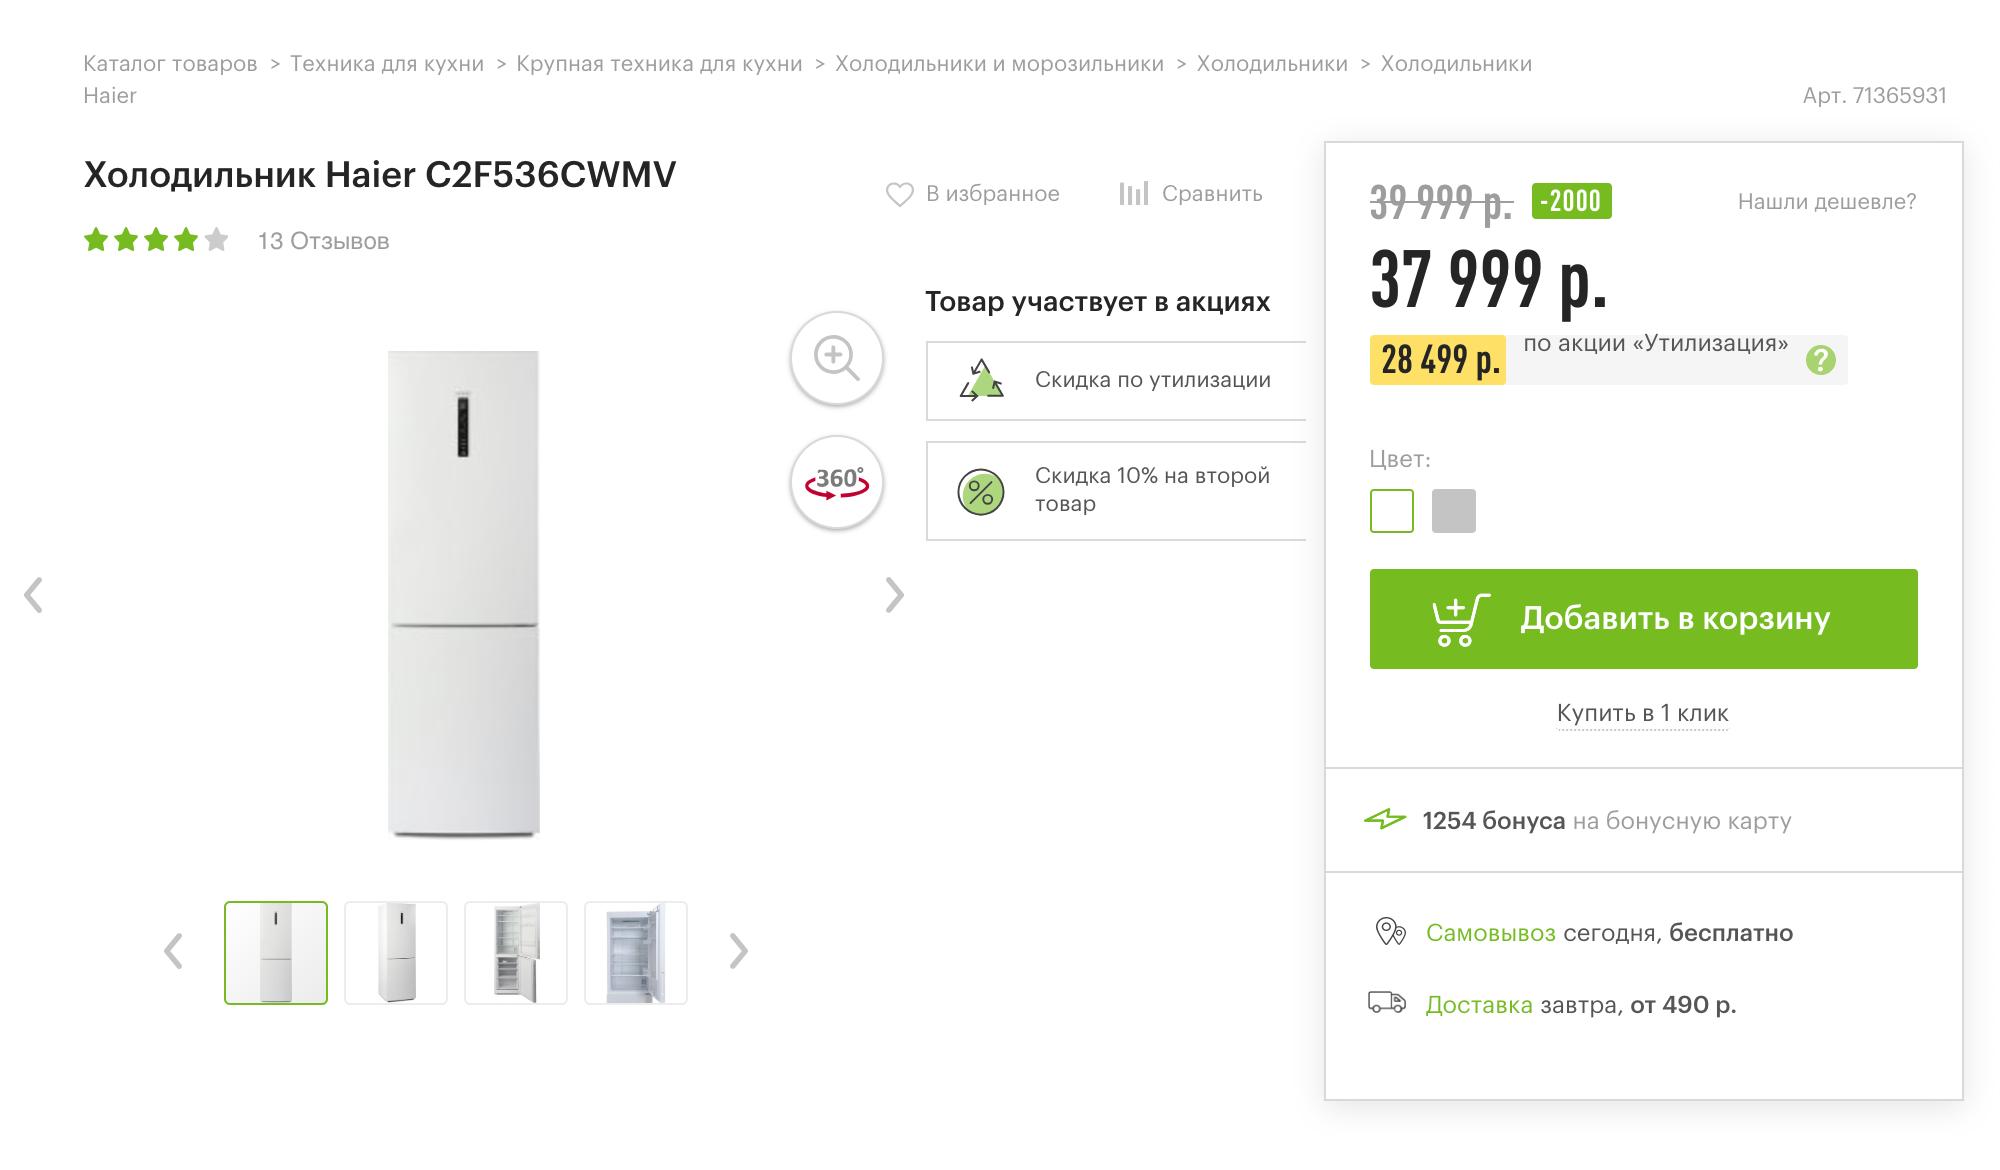 С учетом скидки и акции холодильник будет стоить 28 499 р..